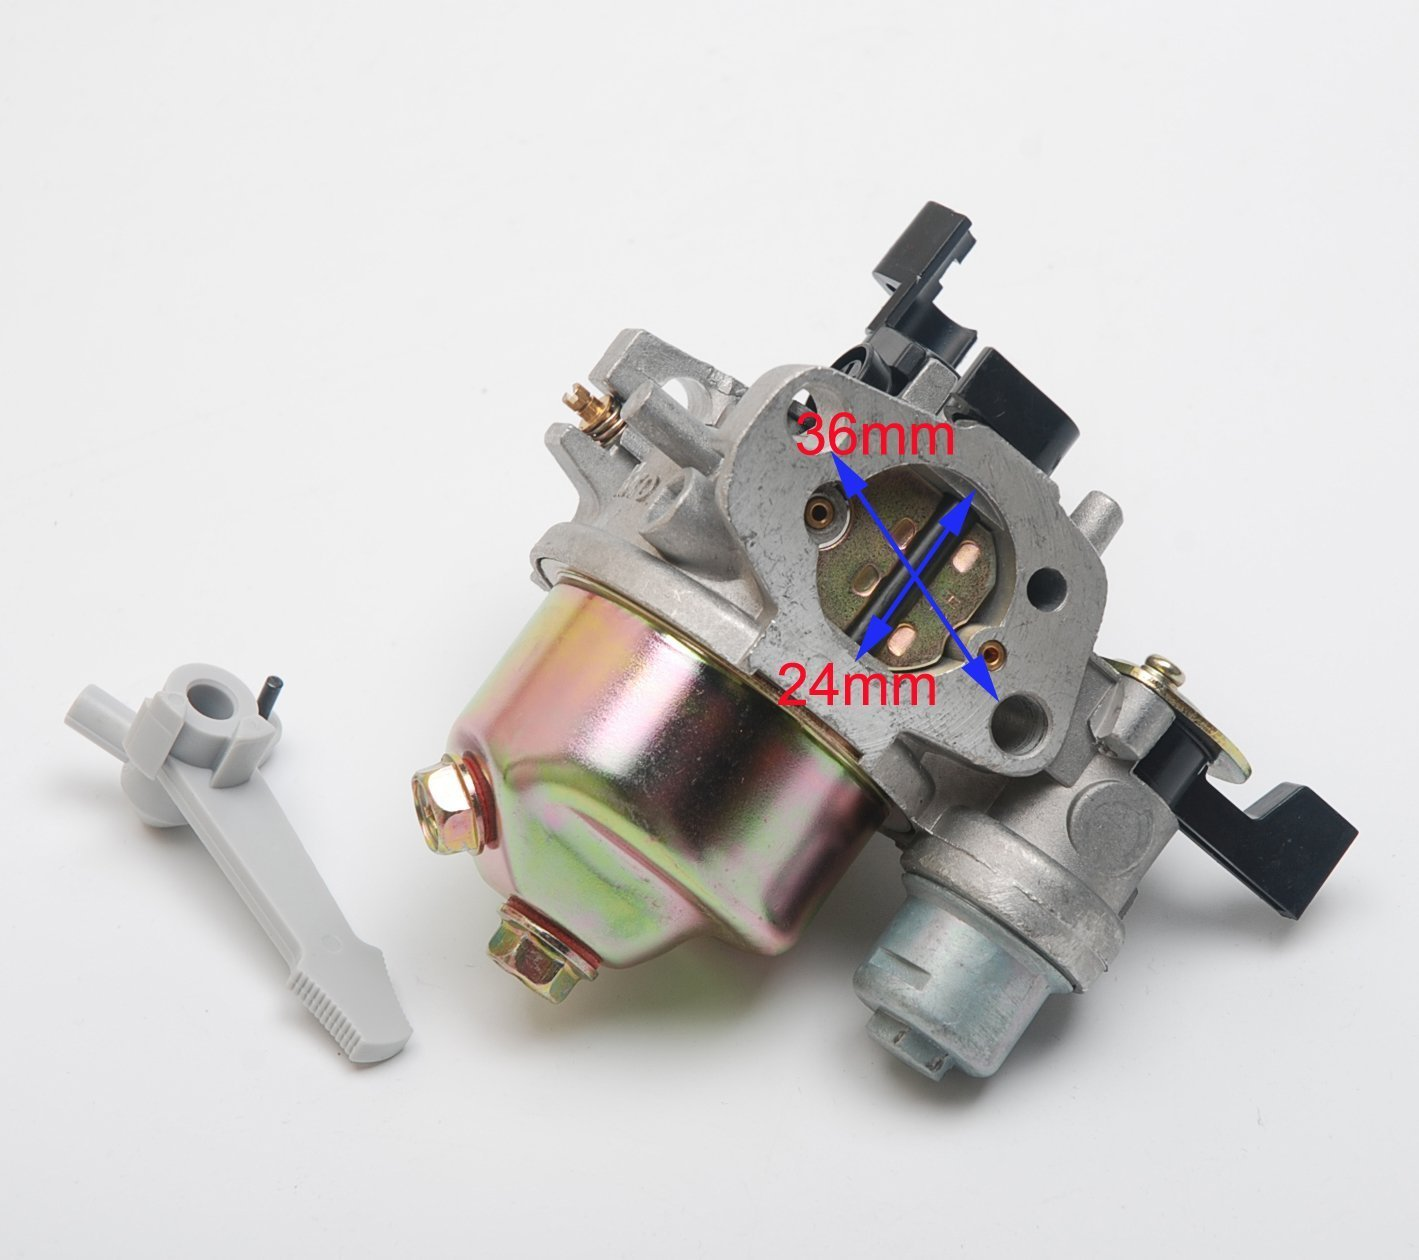 66014 66015 Carb Beehive Filter Ersetzen Vergaser f/ür Harbor Freight Greyhound 196CC 6.5HP Lifan Gas Engine